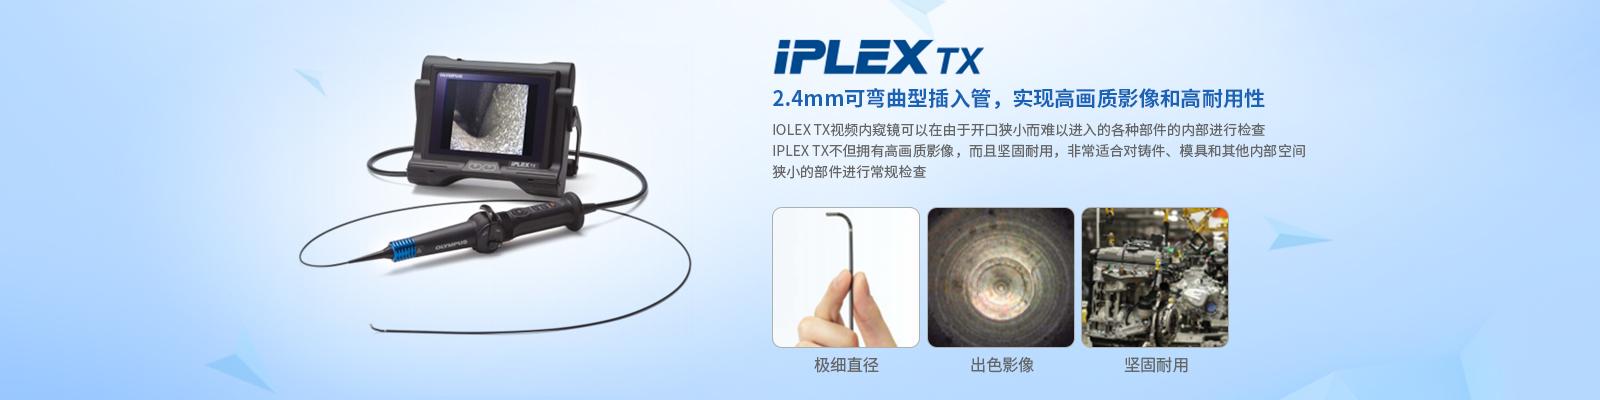 上海腾诺机电设备有限公司